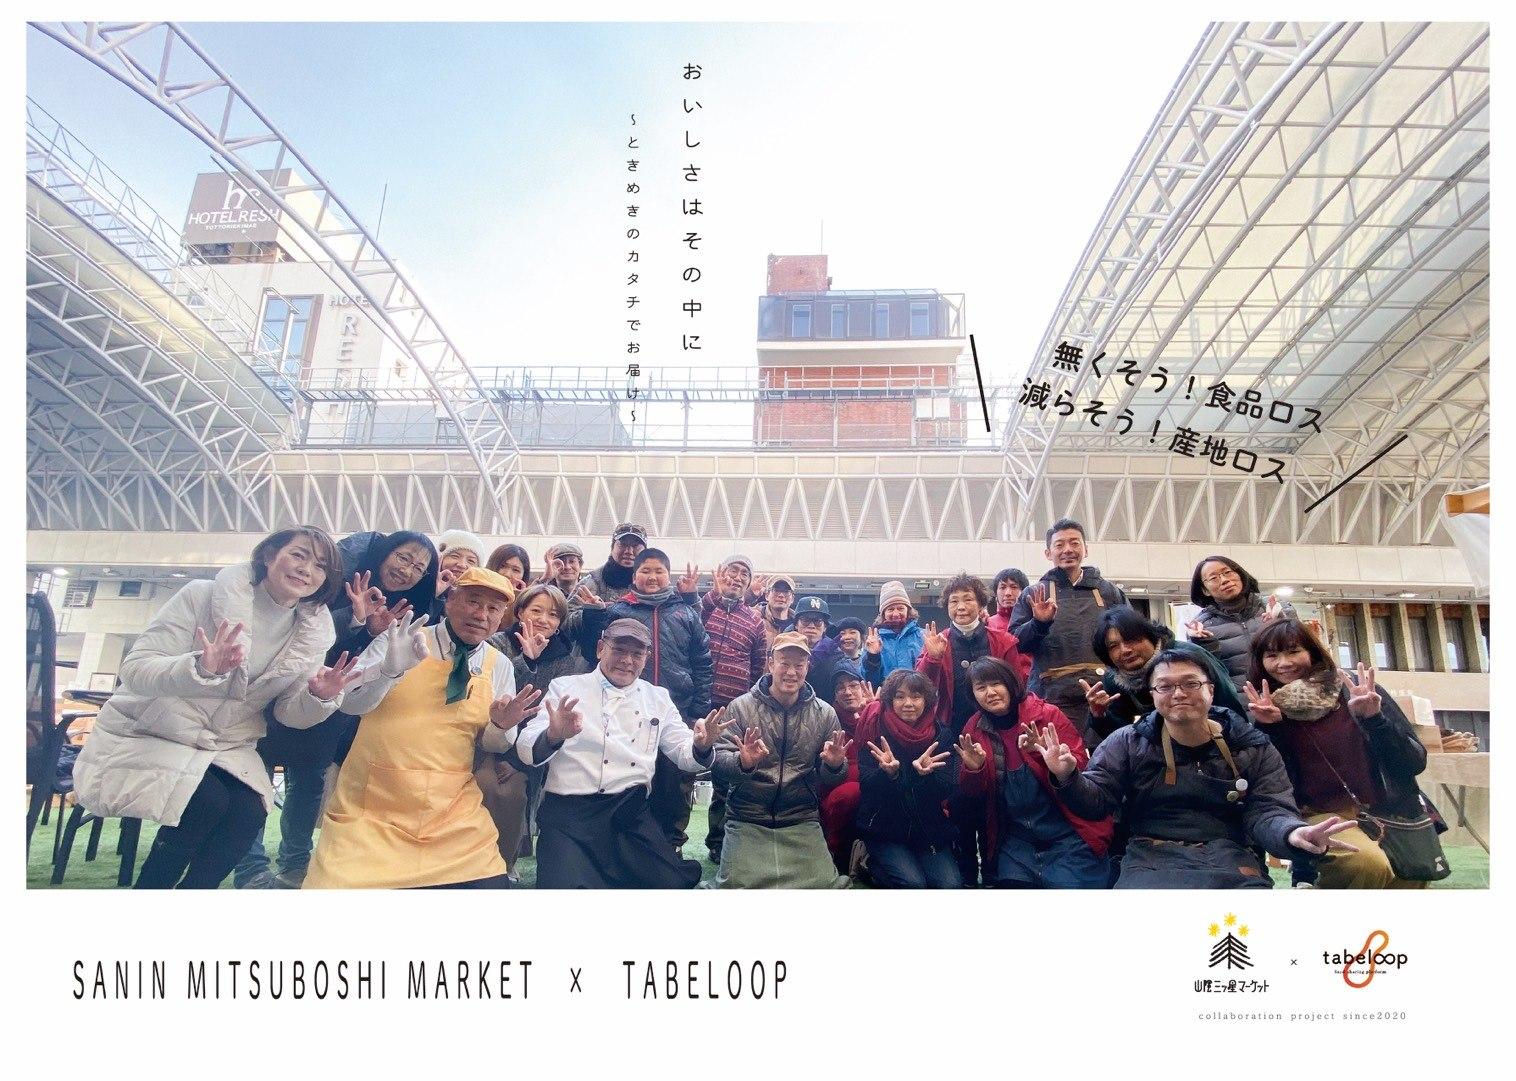 鳥取市で「新春フードレスキュー もったいないを救おう! 山陰三ッ星マーケット×tabeloop(たべるーぷ)」のイベントを開催しました。